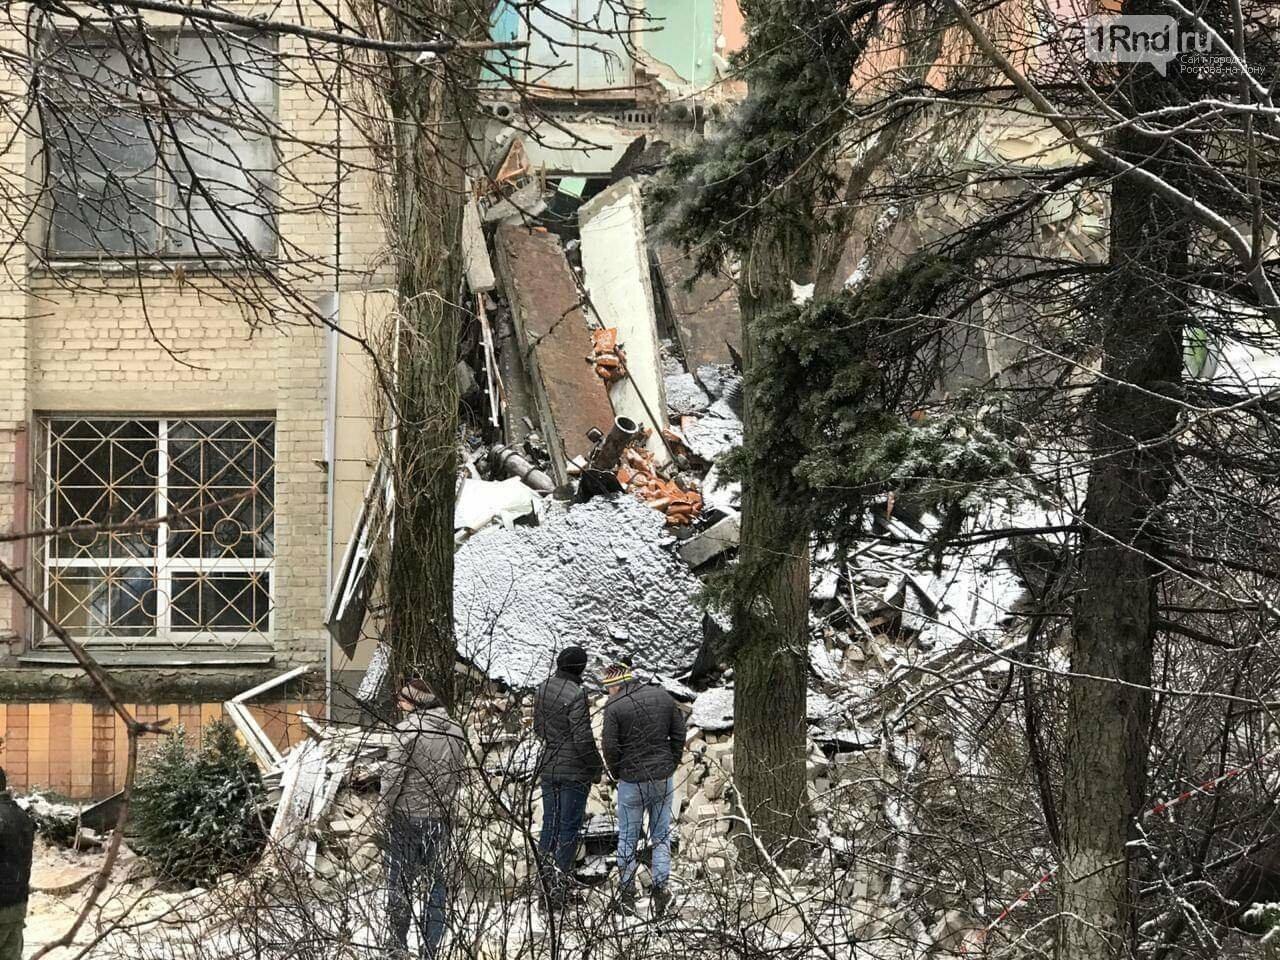 МЧС по Ростовской области: угрозы дальнейшего обрушения здания в Новочеркасске нет, фото-5